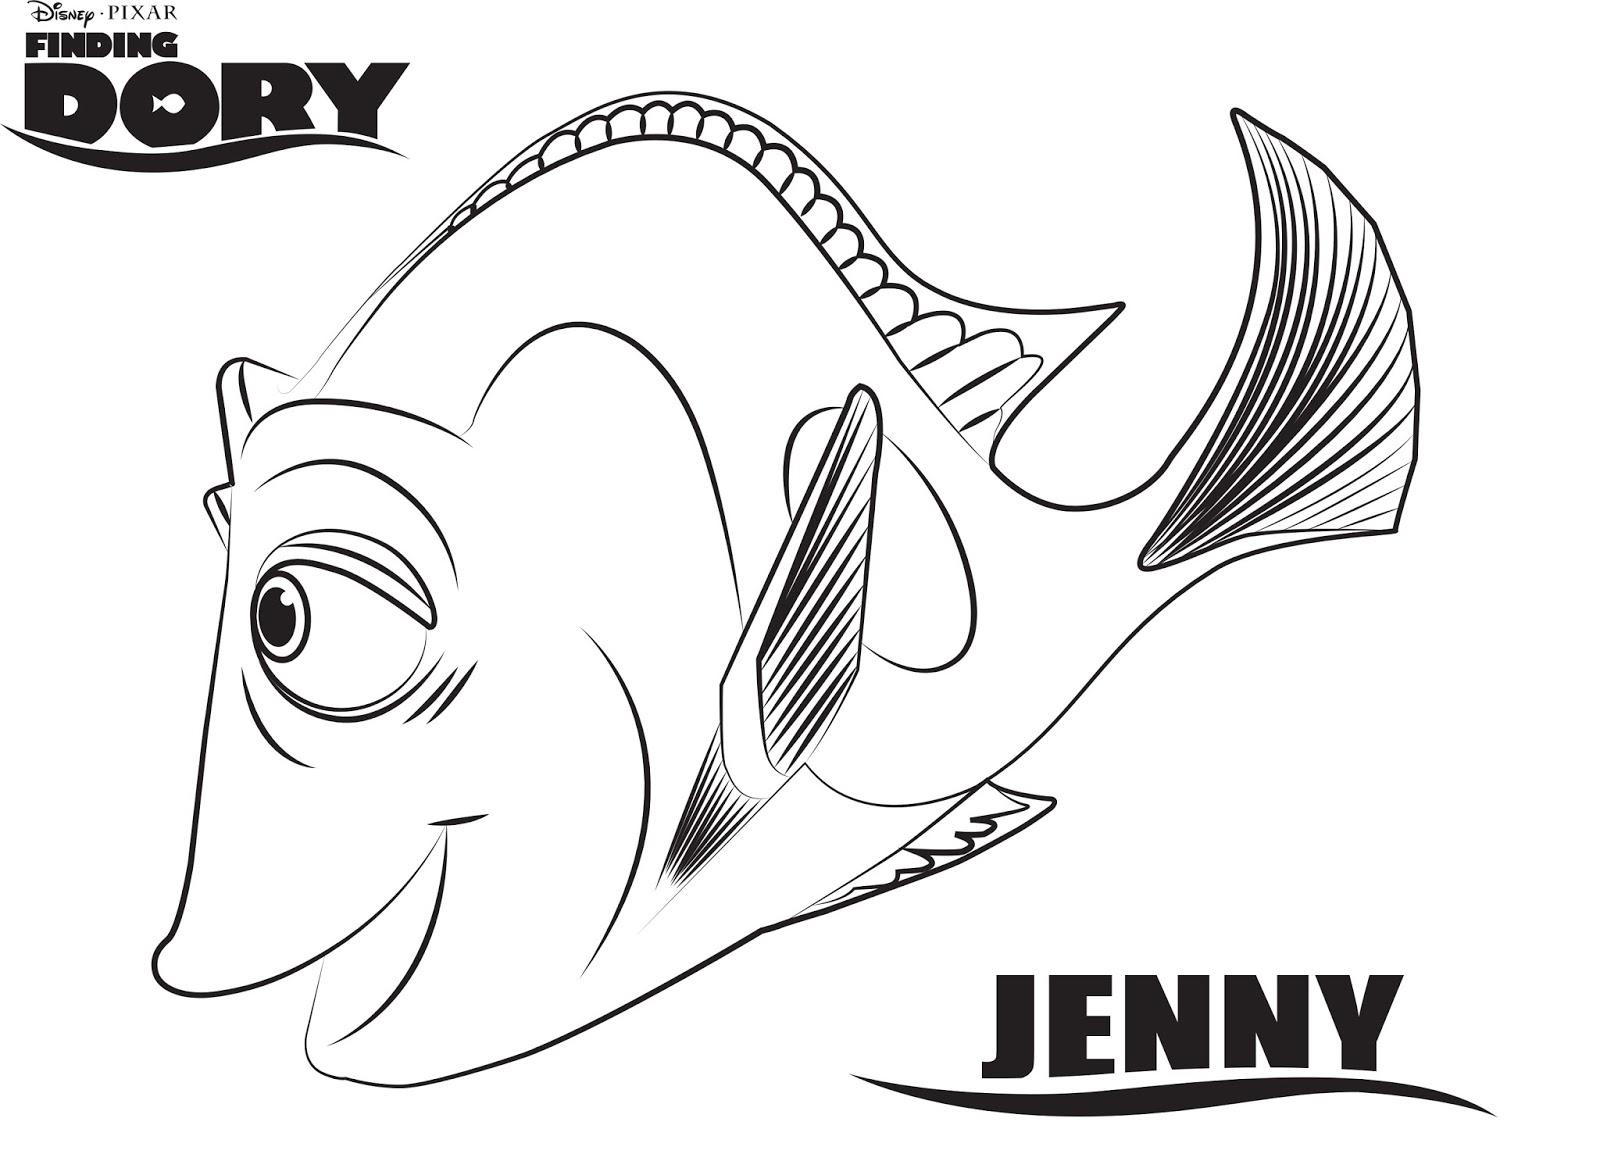 Sus Dibujos Favoritos De Disney Y Píxar Ahora Se Pueden Pintar: Colorea A Jenny, La Mamá En La Película Buscando A Dory